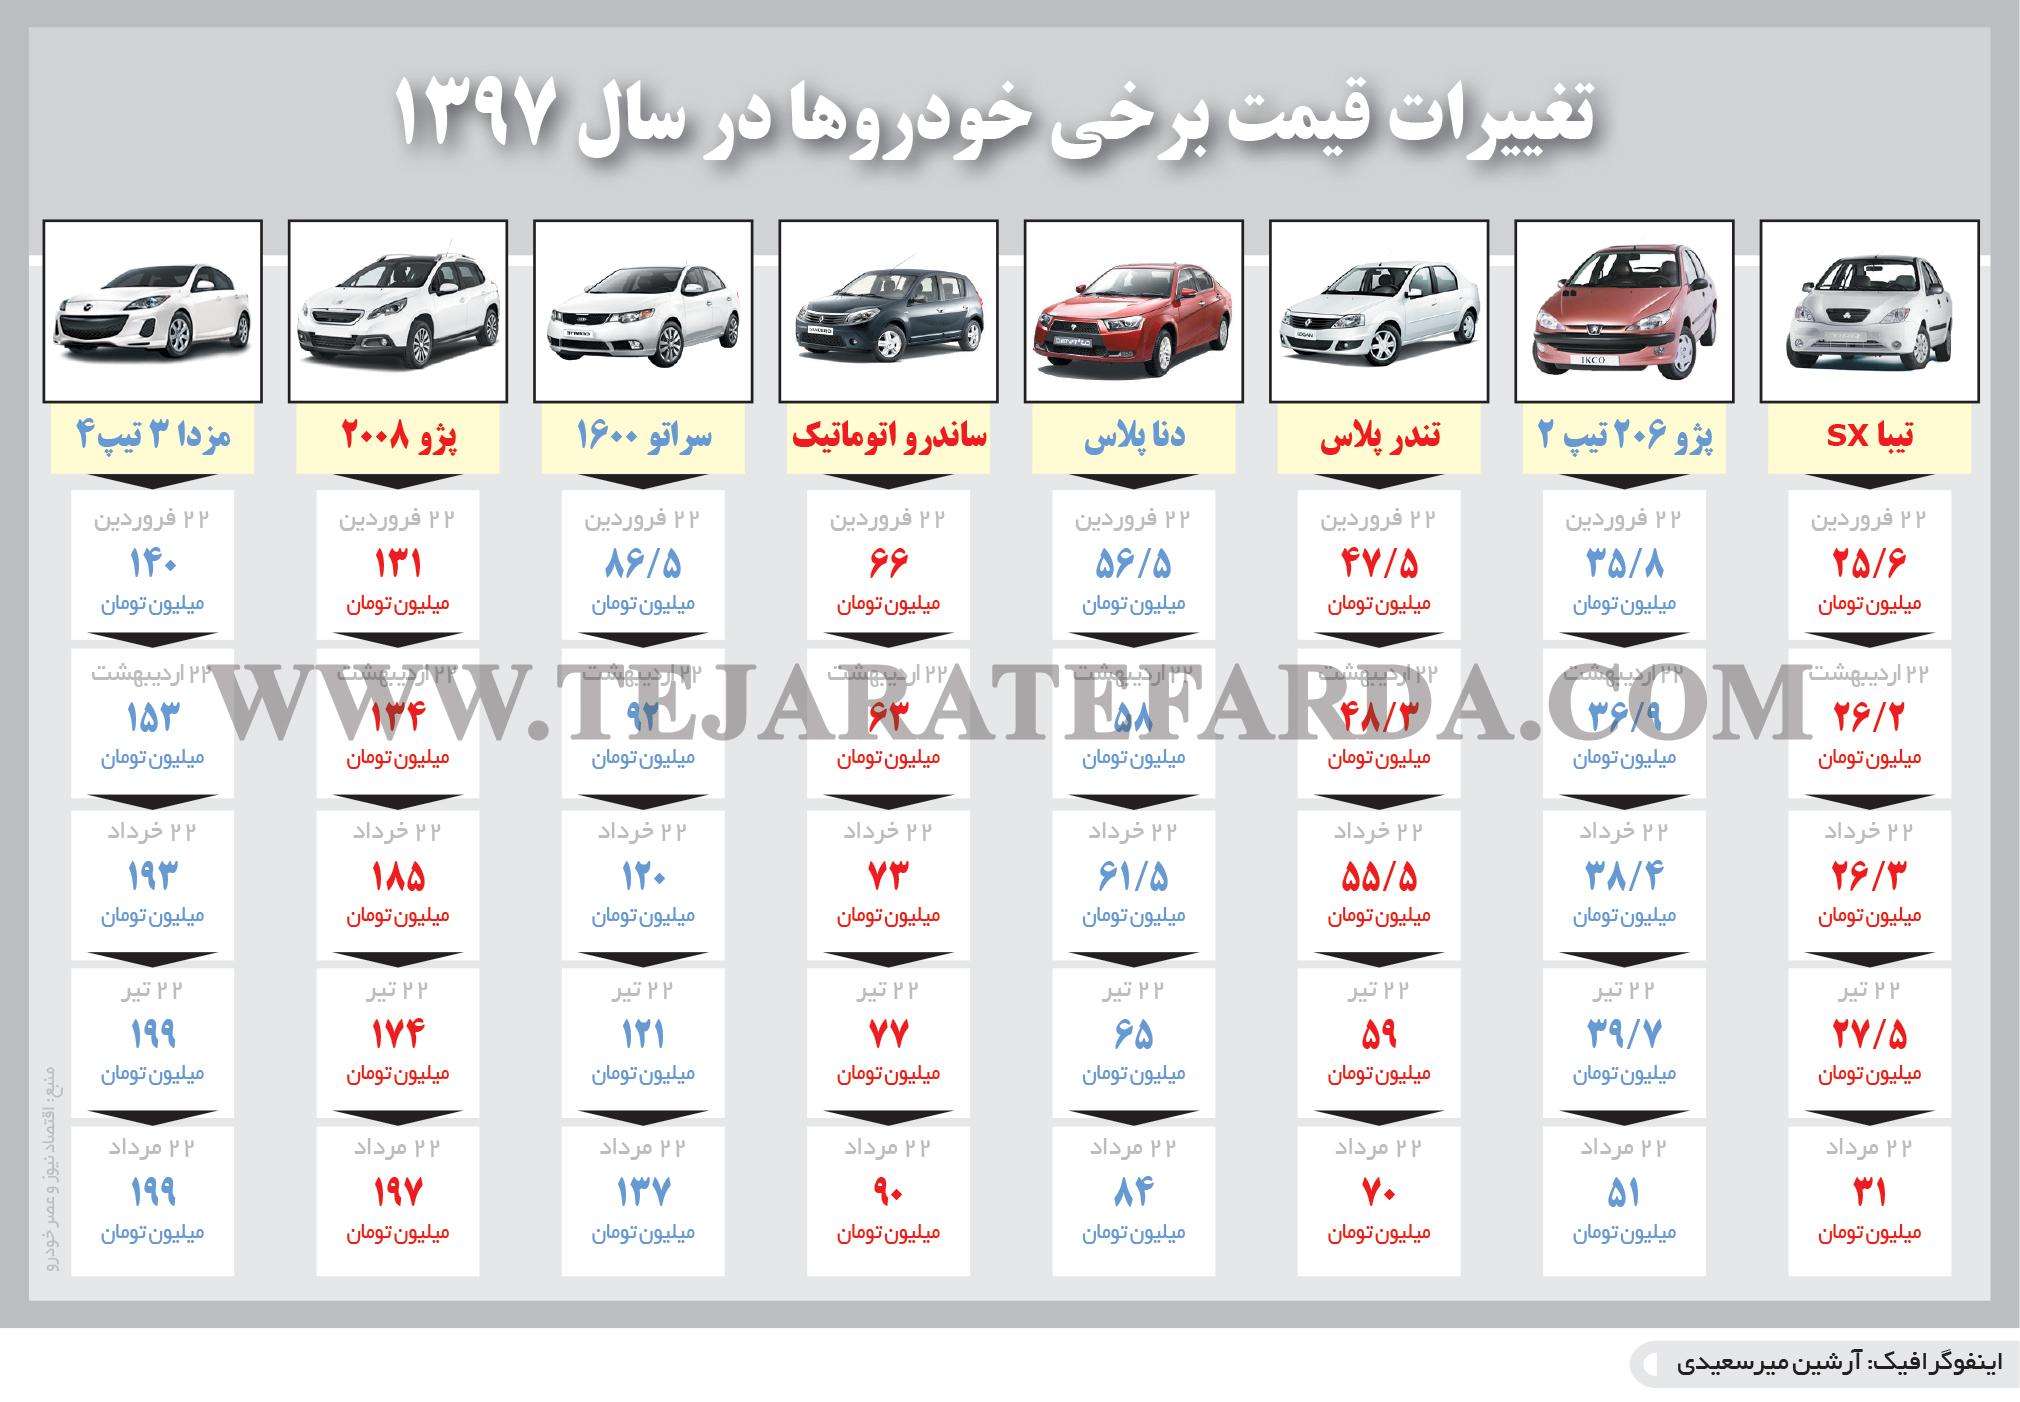 تجارت- فردا- تغییرات قیمت برخی خودروها در سال 1397(اینفوگرافیک)